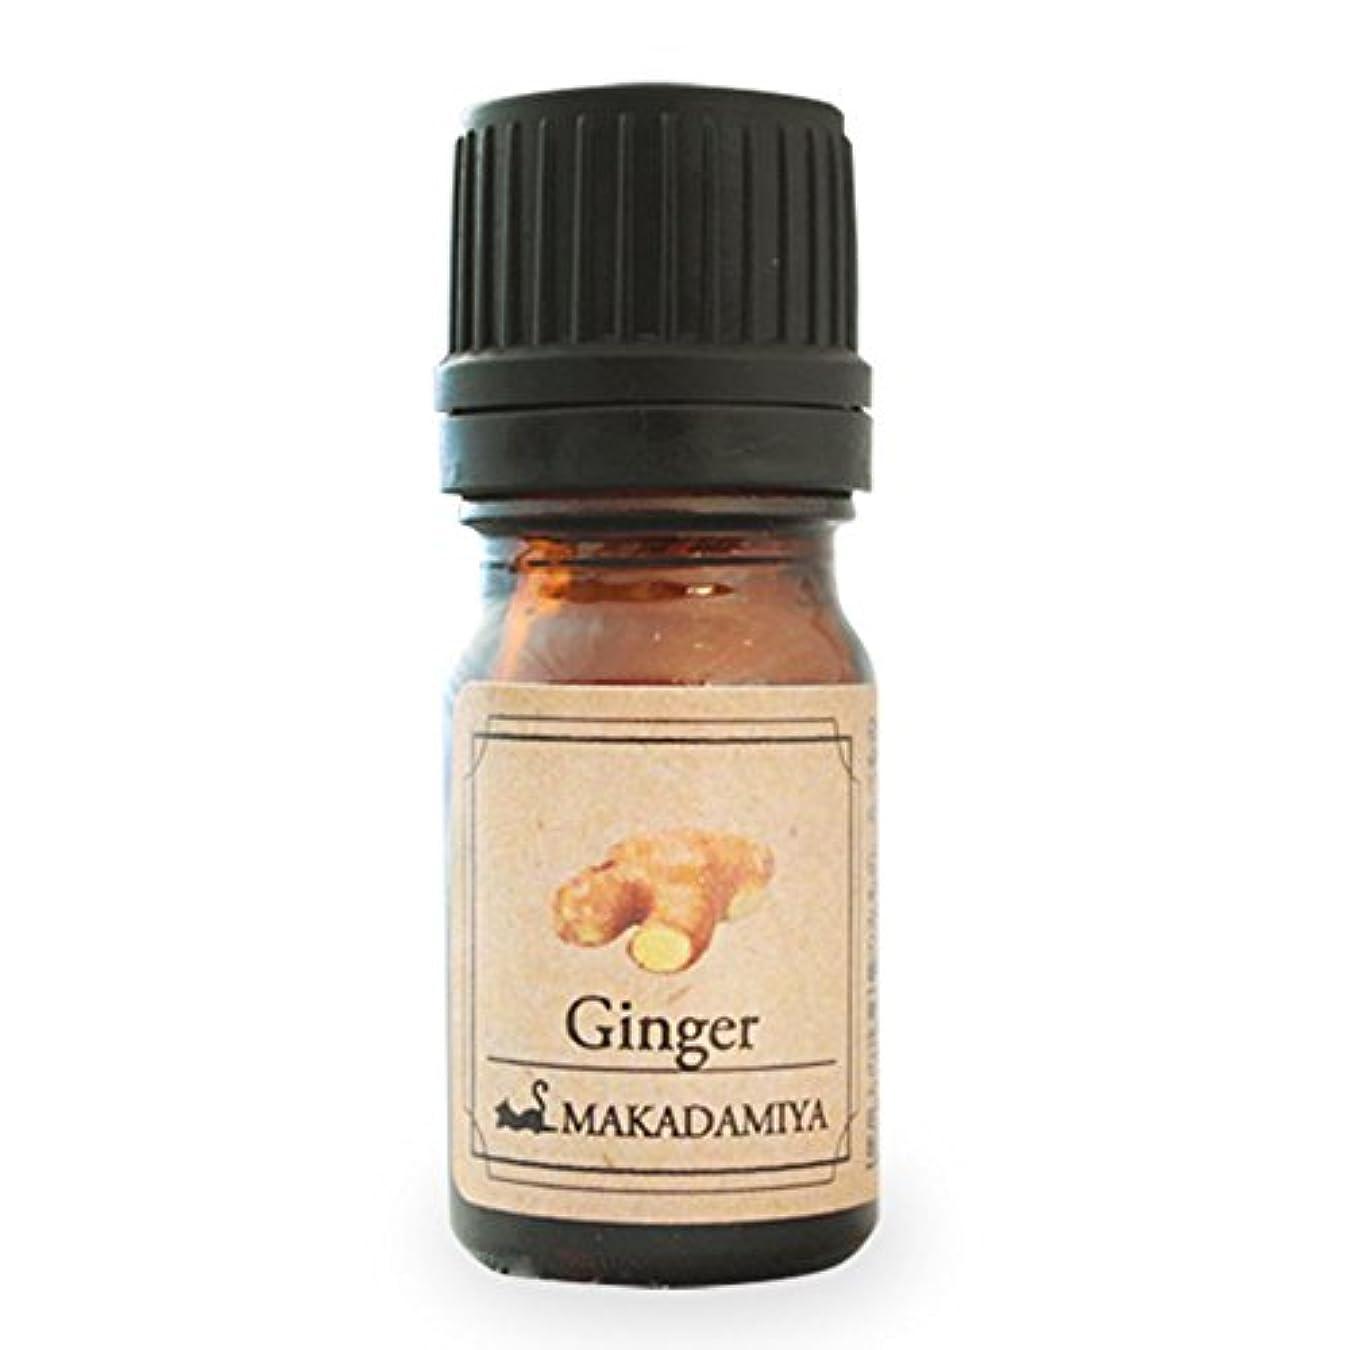 主権者告白壊すジンジャー5ml 天然100%植物性 エッセンシャルオイル(精油) アロマオイル アロママッサージ aroma Ginger